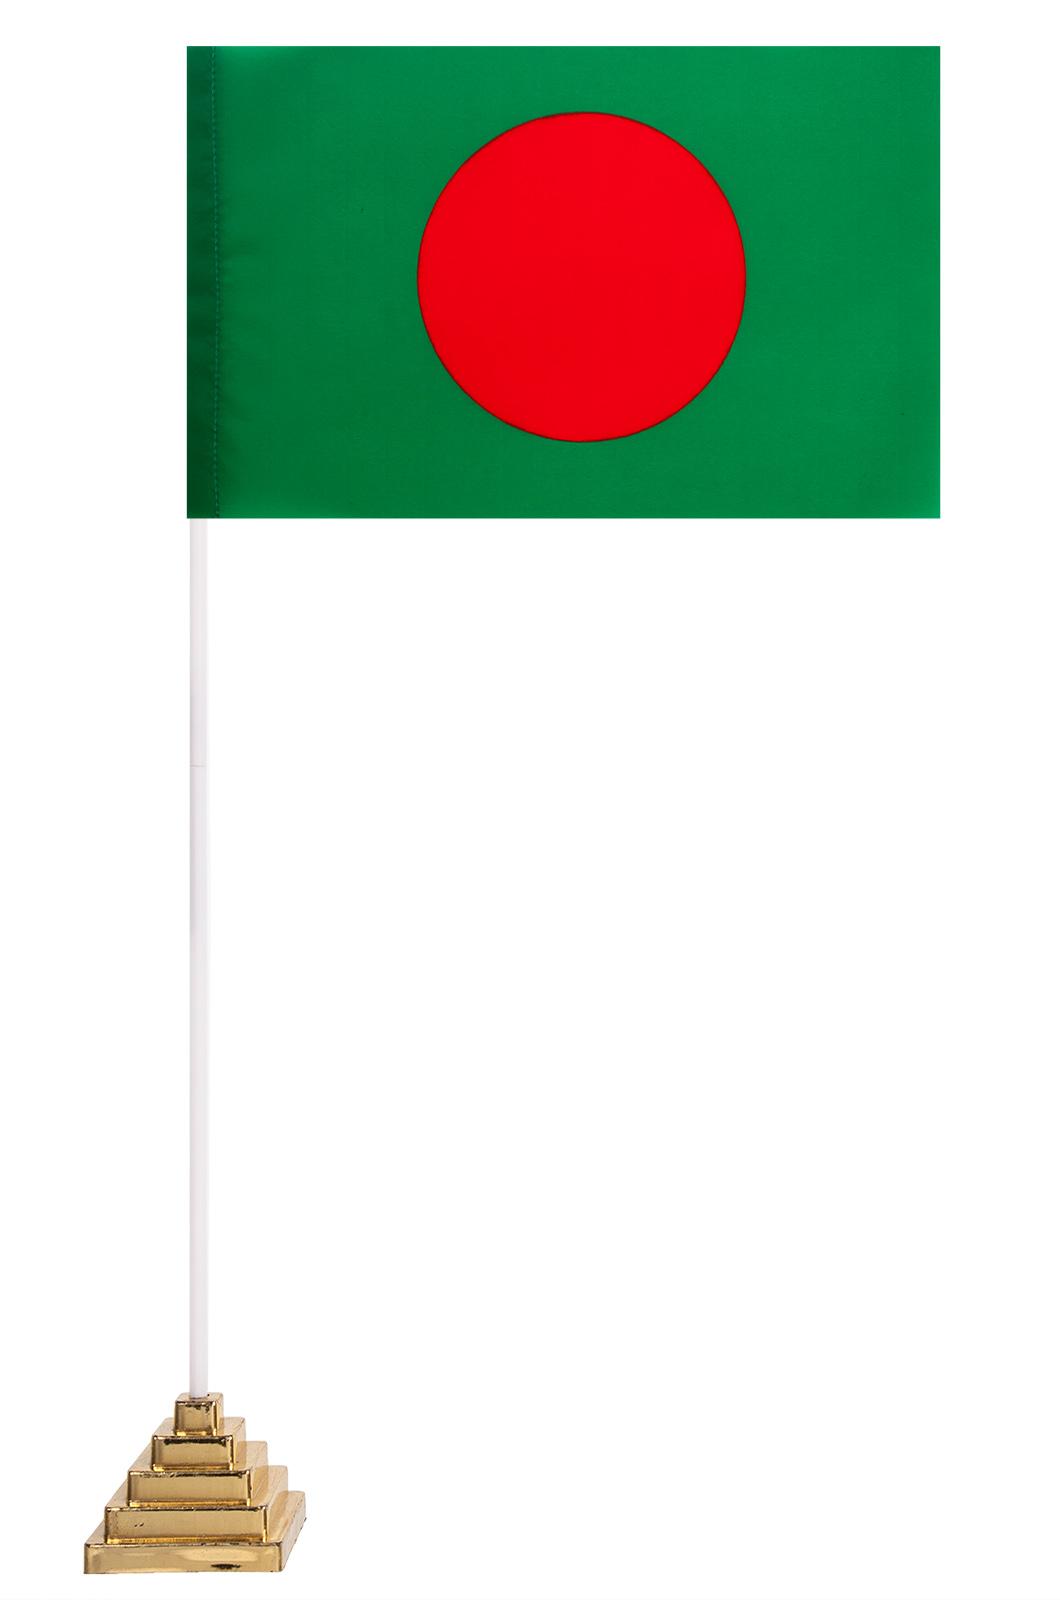 Купить флажок Бангладеша настольный